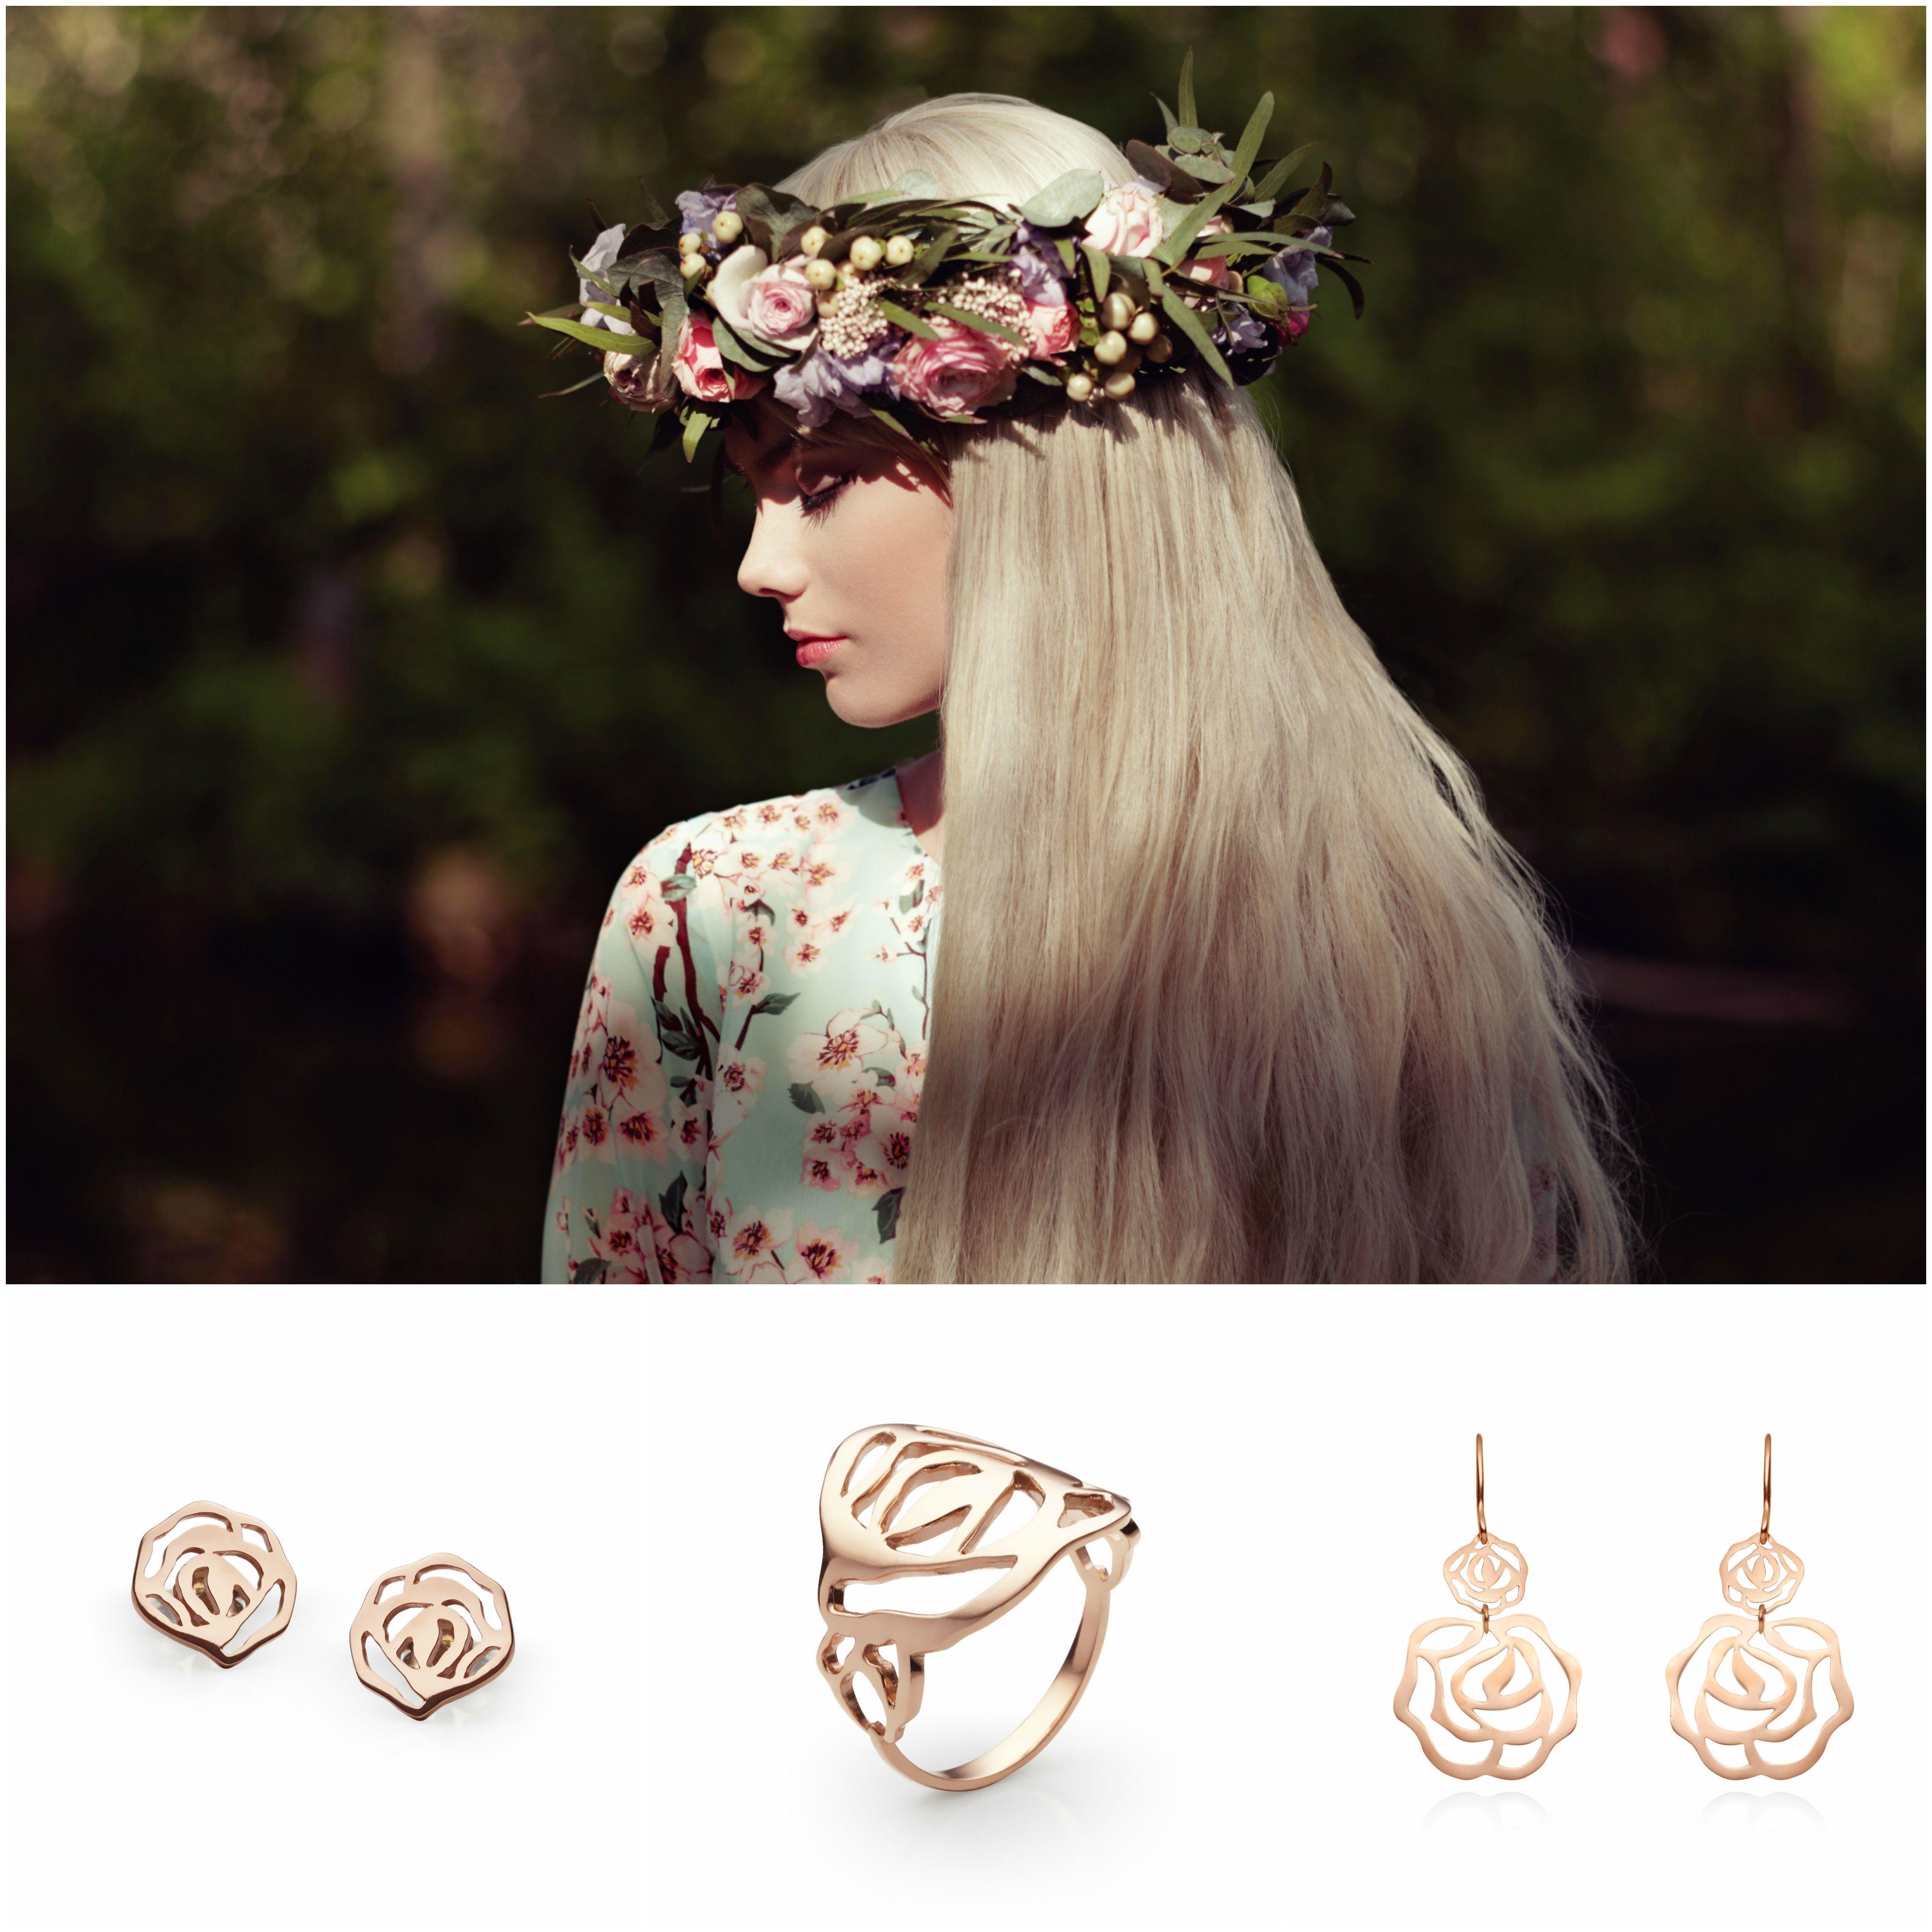 Nova Zlata Kolekcija Passion Flower Skriva Zanimive Kombinacije Lahkotnih In Igrivih Kosov Nakita Navdih Lepote Je Preprost Gold Jewelry Jewelry Crown Jewelry